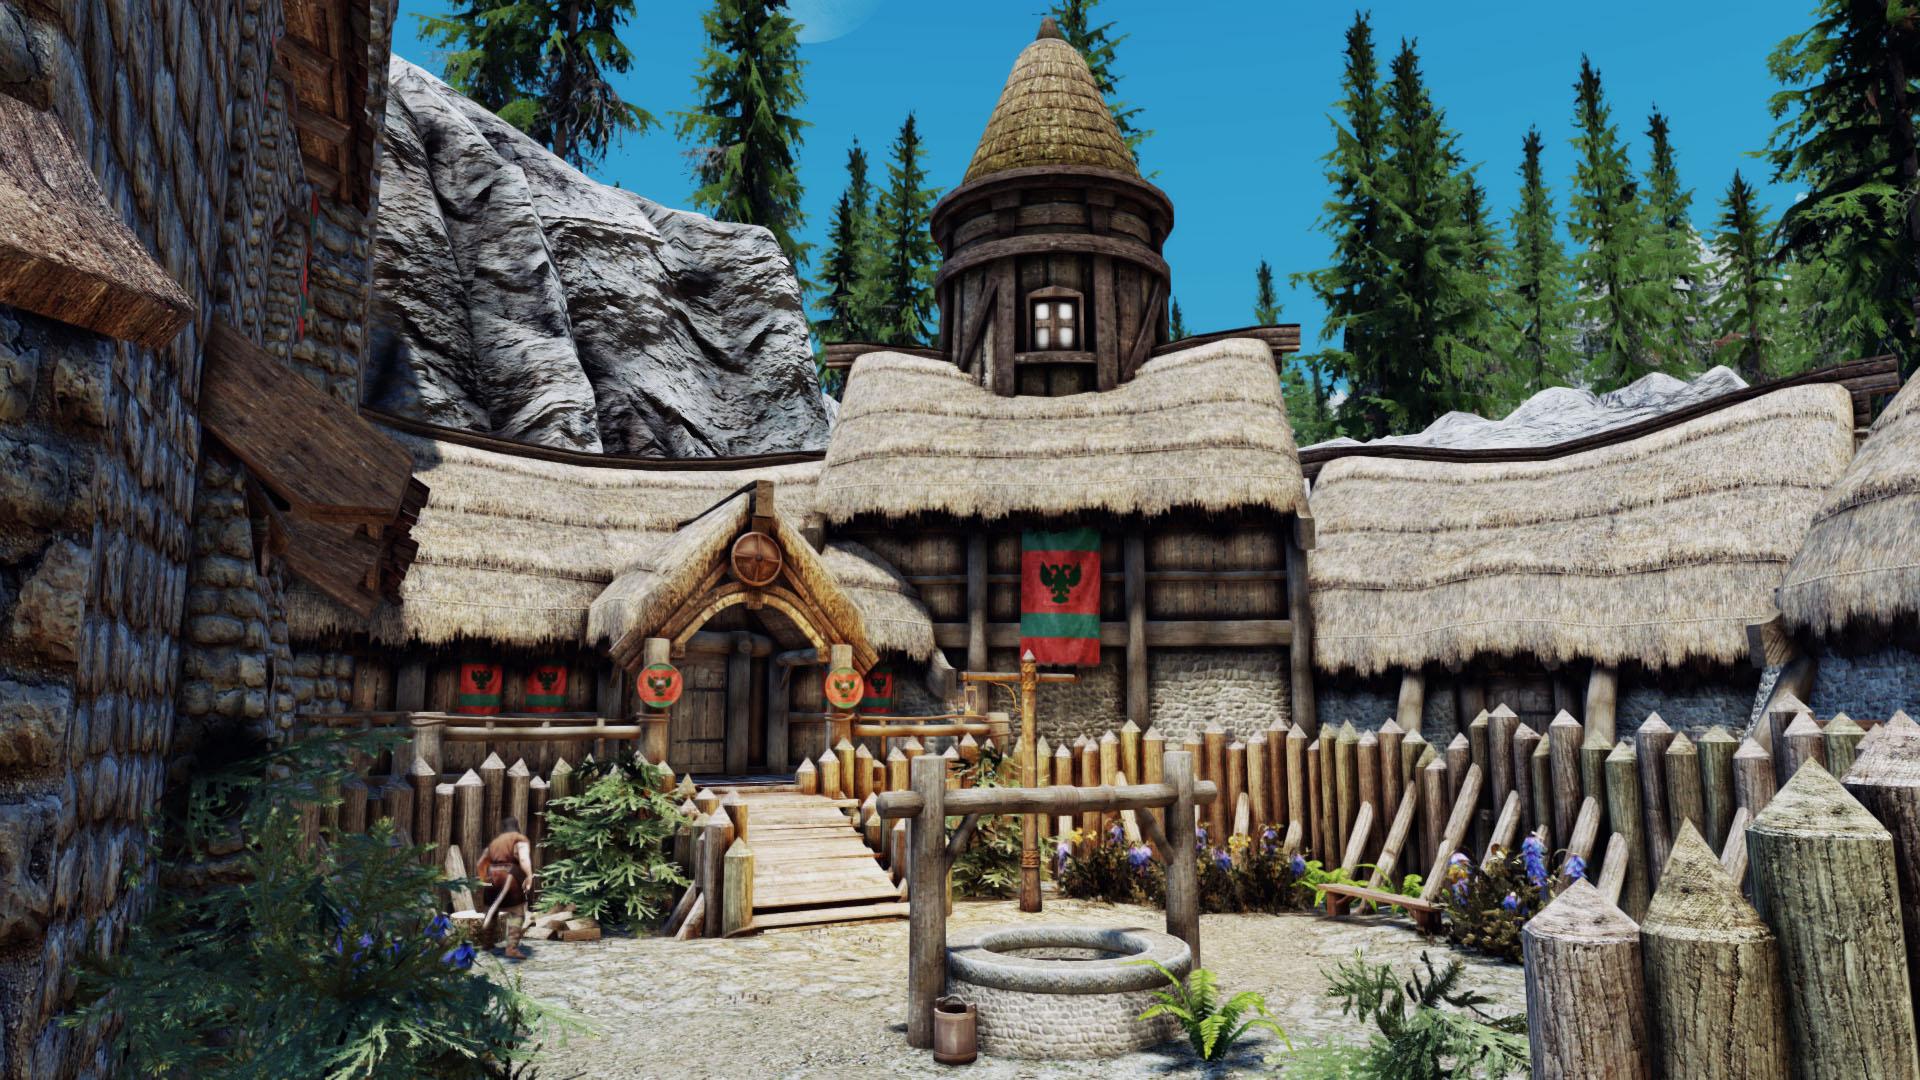 《上古卷轴5:天际》最新MOD 玩家打造自己的堡垒要塞